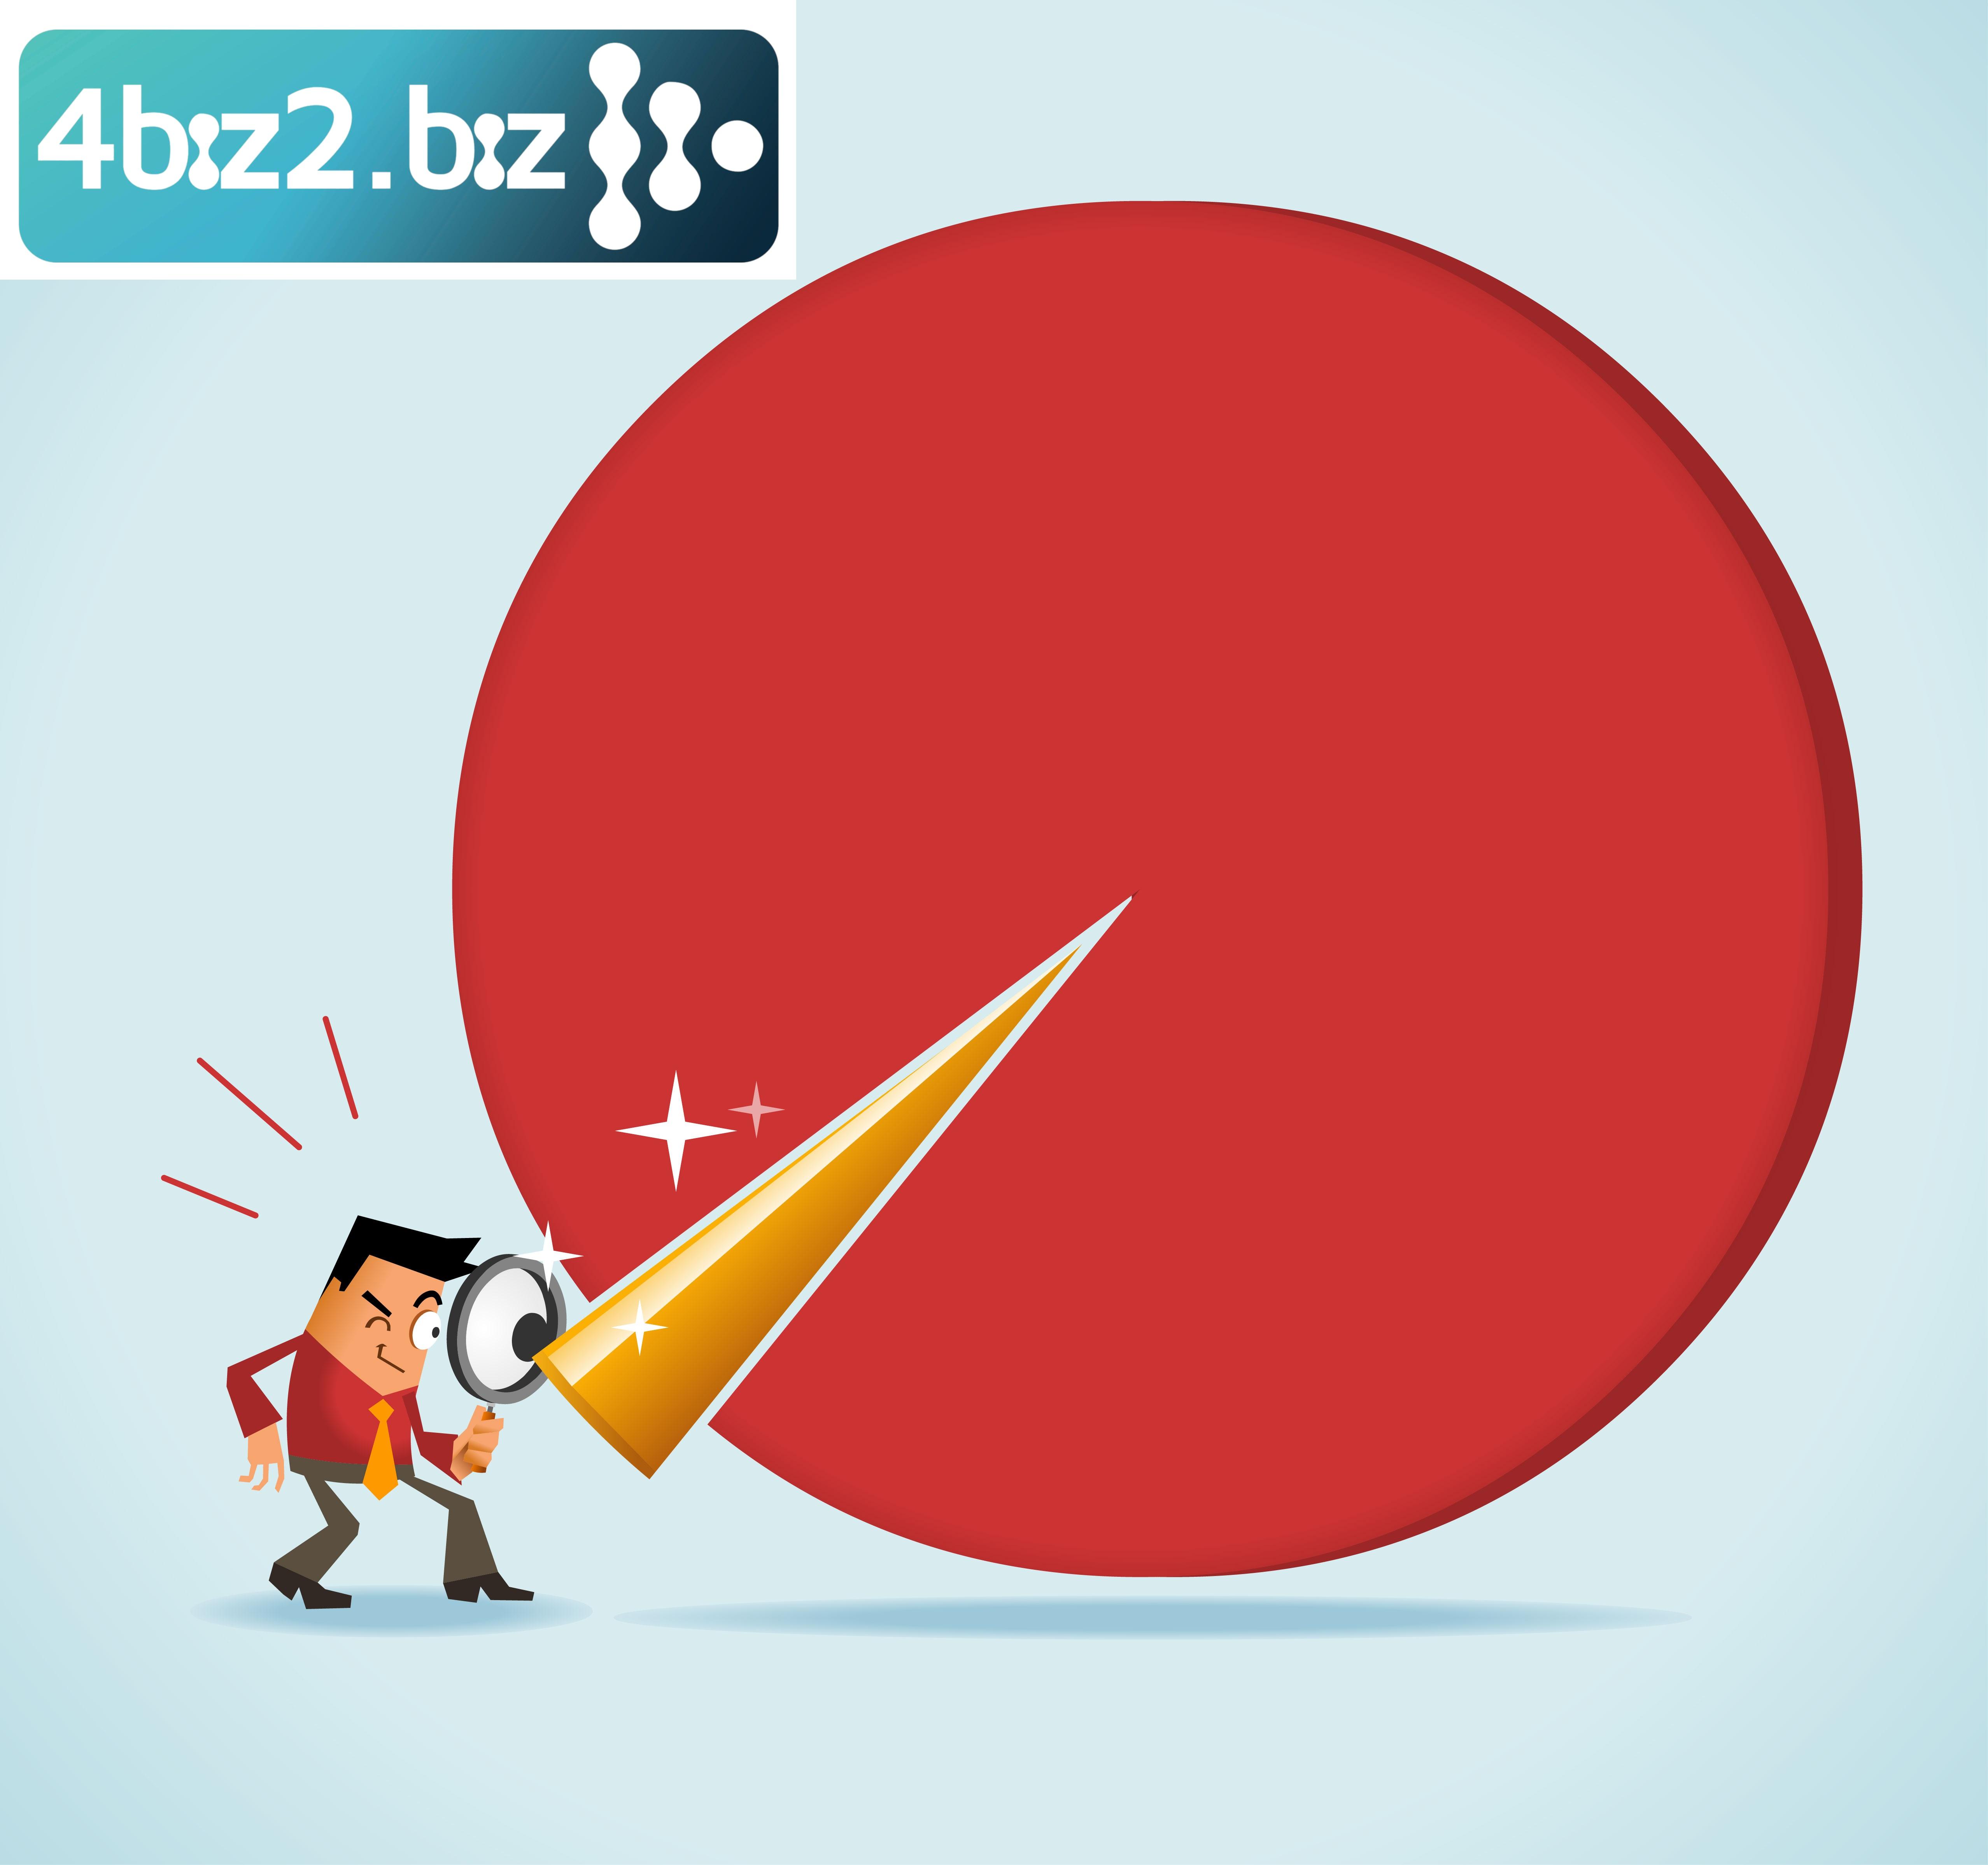 Nowości rynkowe od 4biz2.biz  (druga połowa 2019)